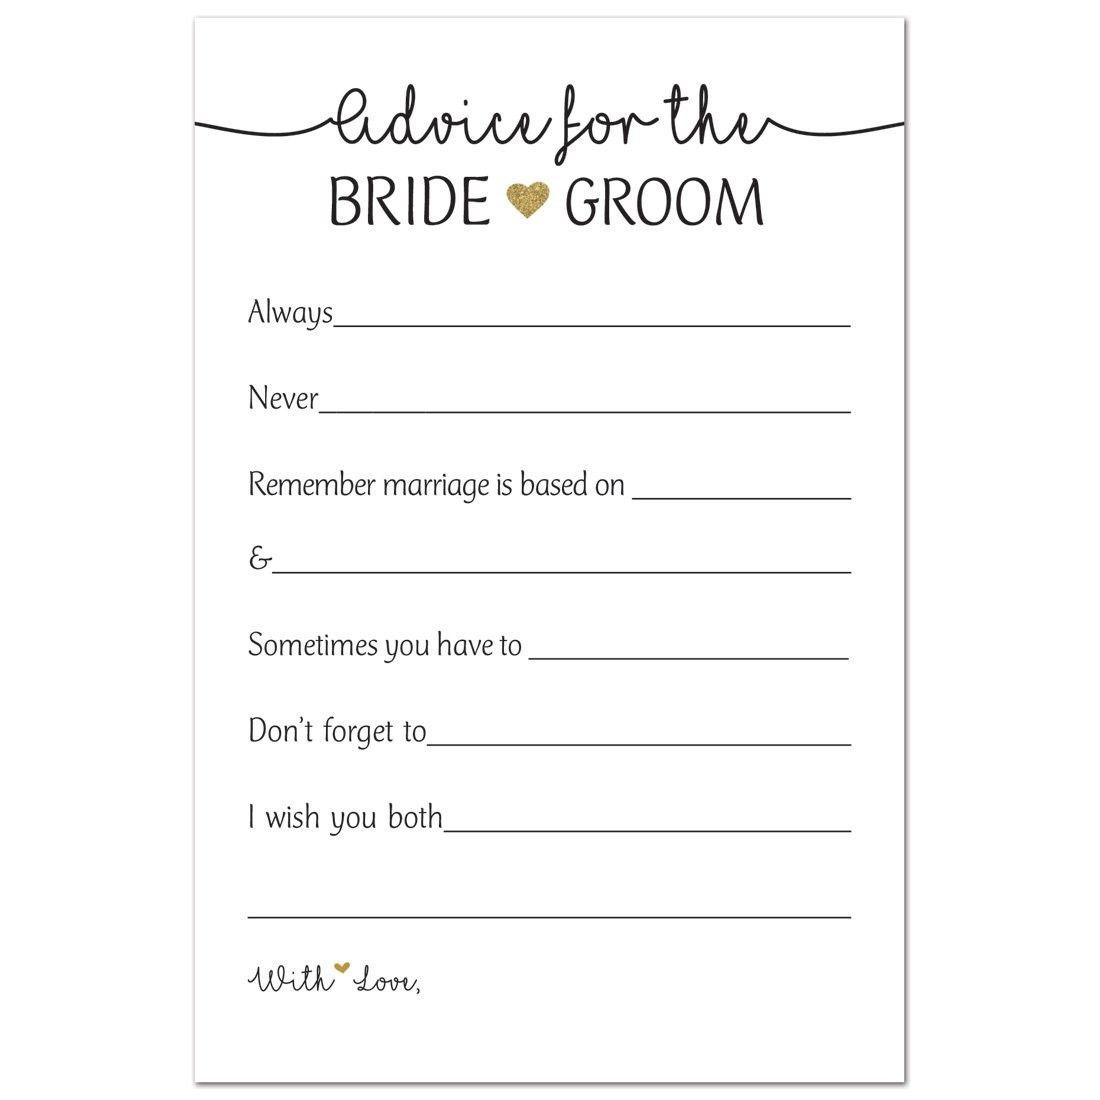 48 Gold Heart Advice Cards For Bride Groom Wedding Advice Marriage Advice Newlywed Advice Cs189sinzyl Advice For Newlyweds Advice Cards Marriage Advice